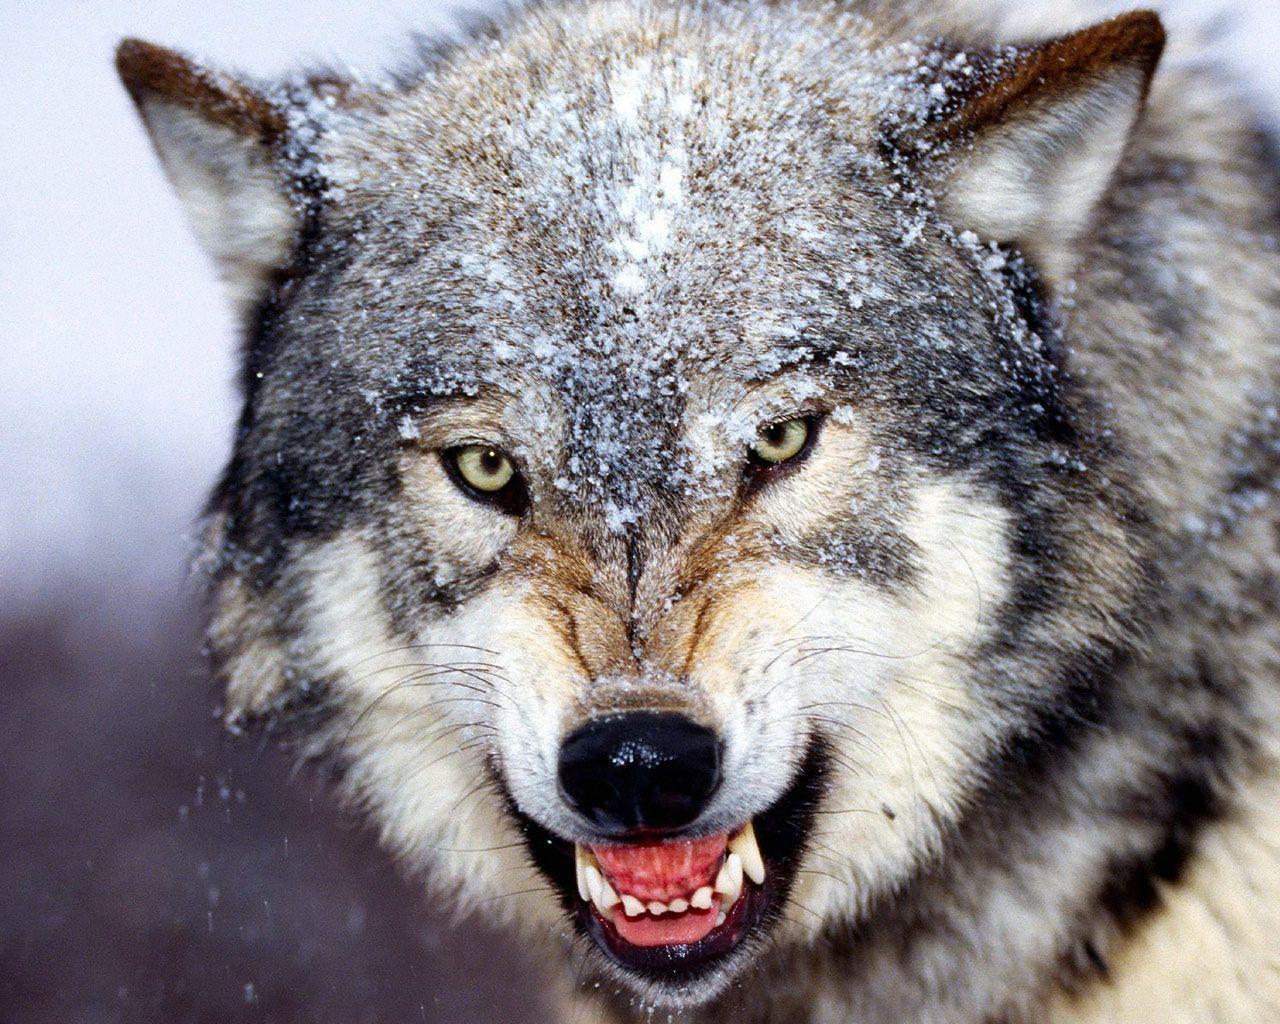 1280x1024 Hình nền HD tuyệt vời: Hình nền chó sói